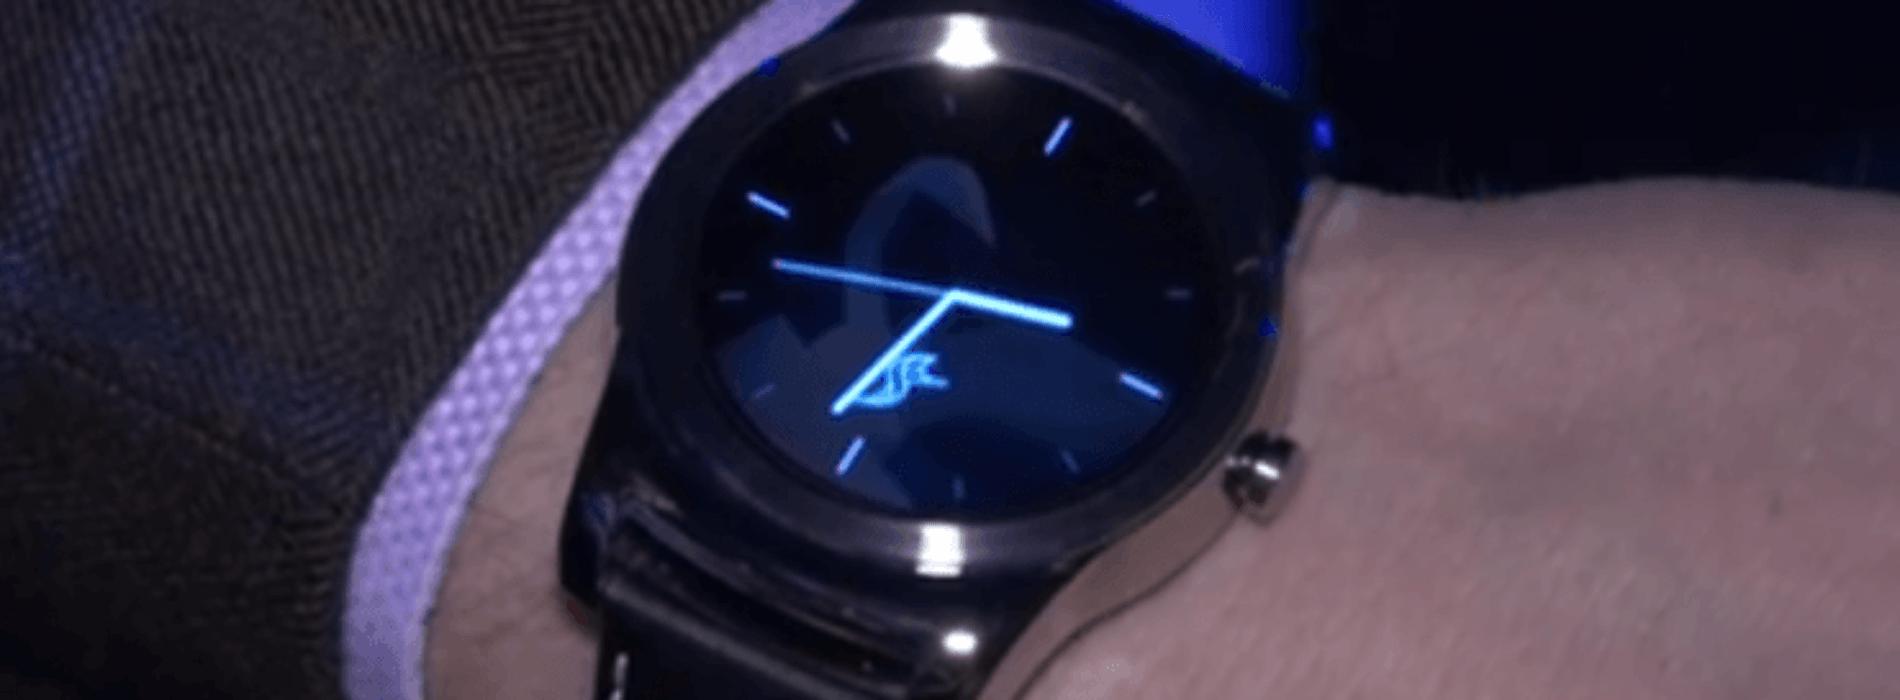 Jolla experimenta con los relojes inteligentes